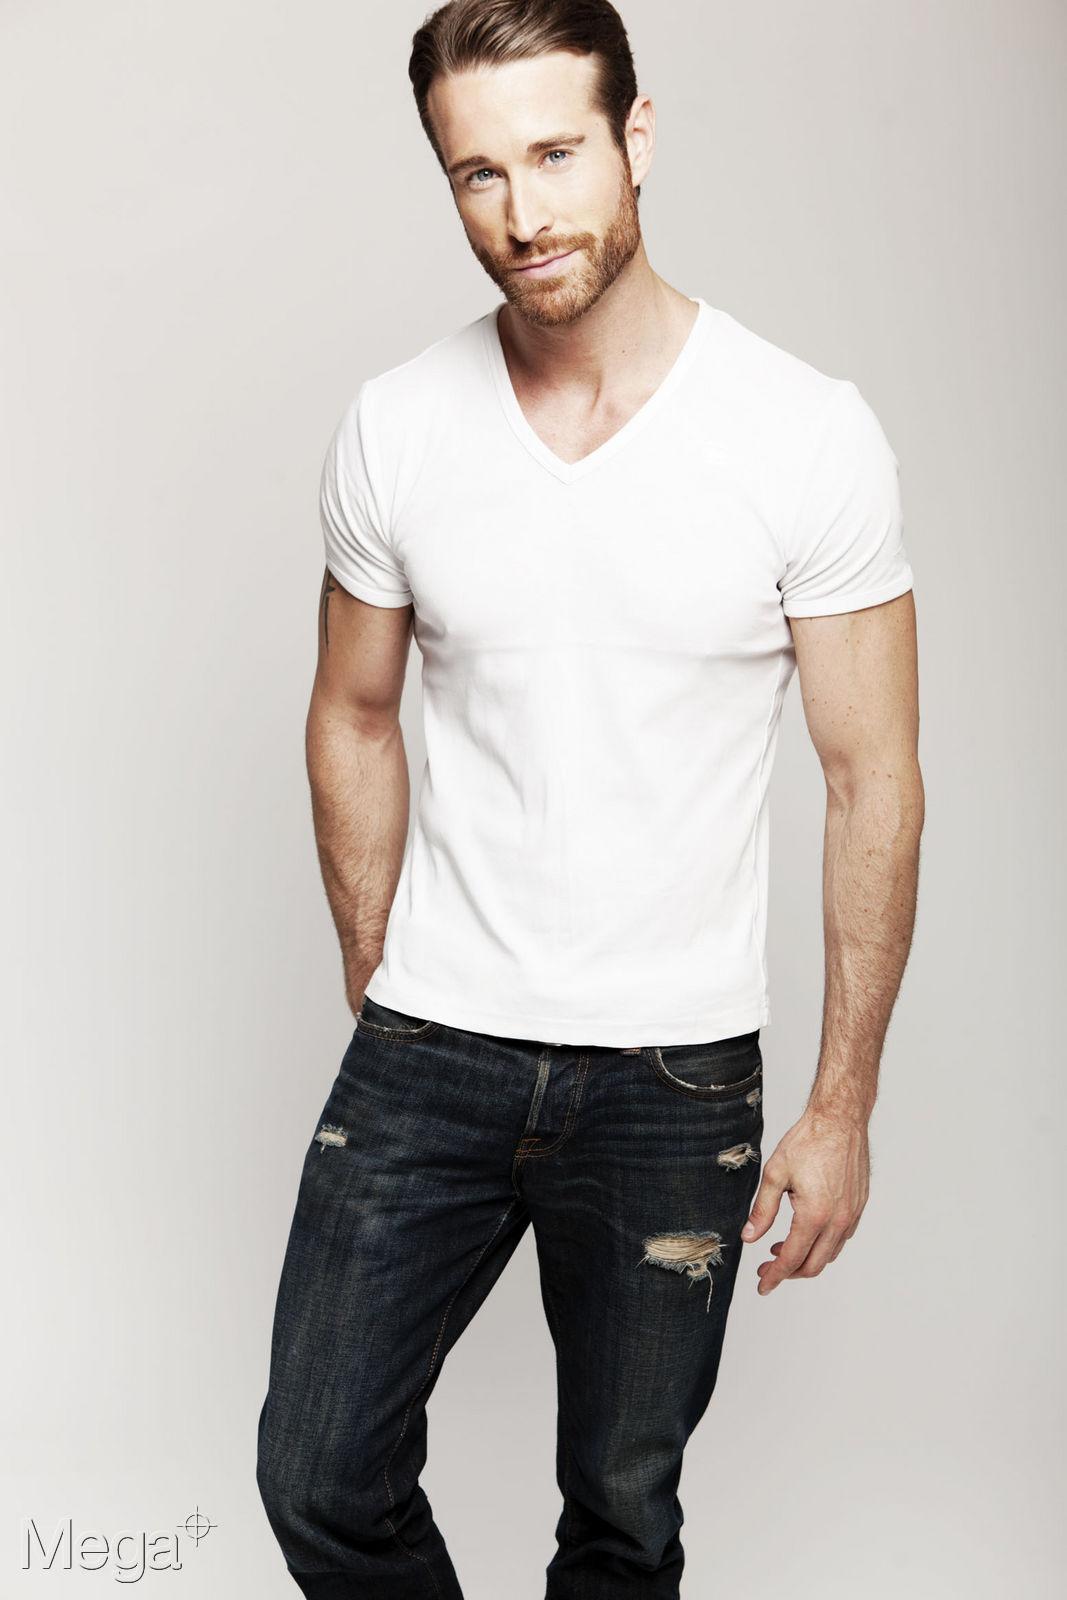 Dan Cook Mega Model Agency